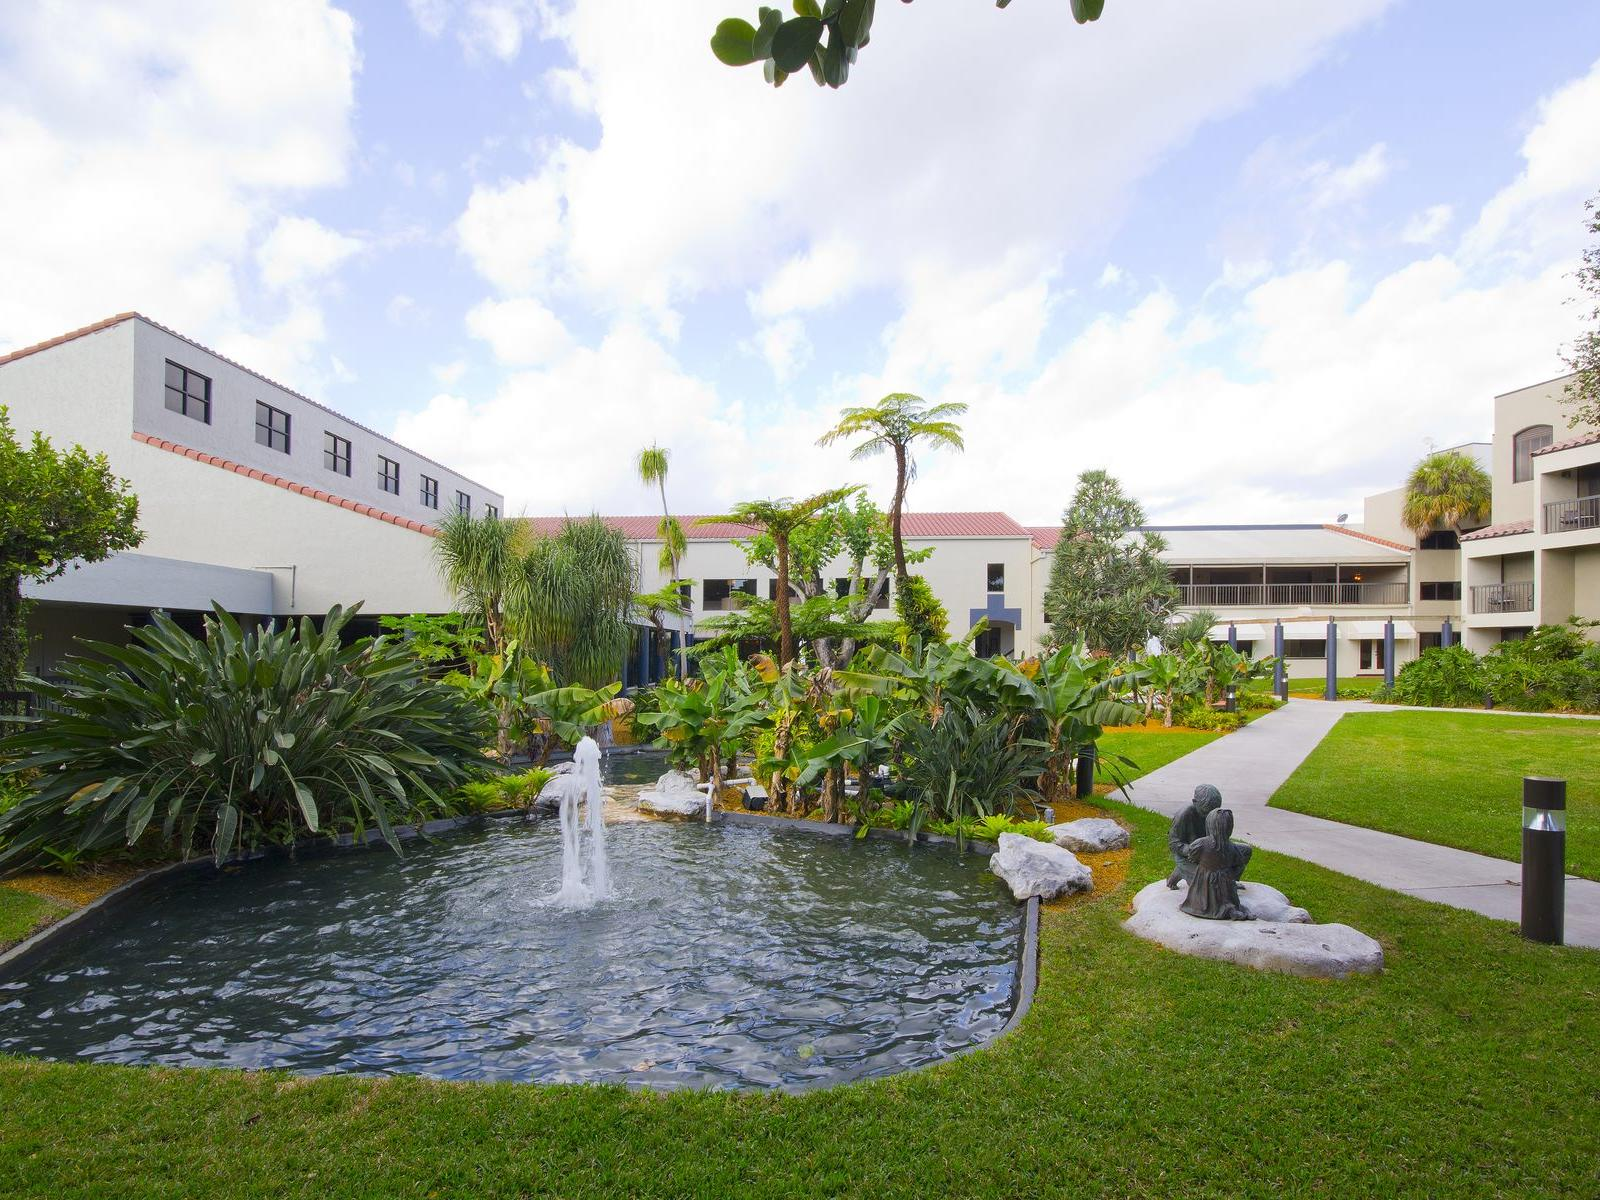 garden courtyard with lagoon